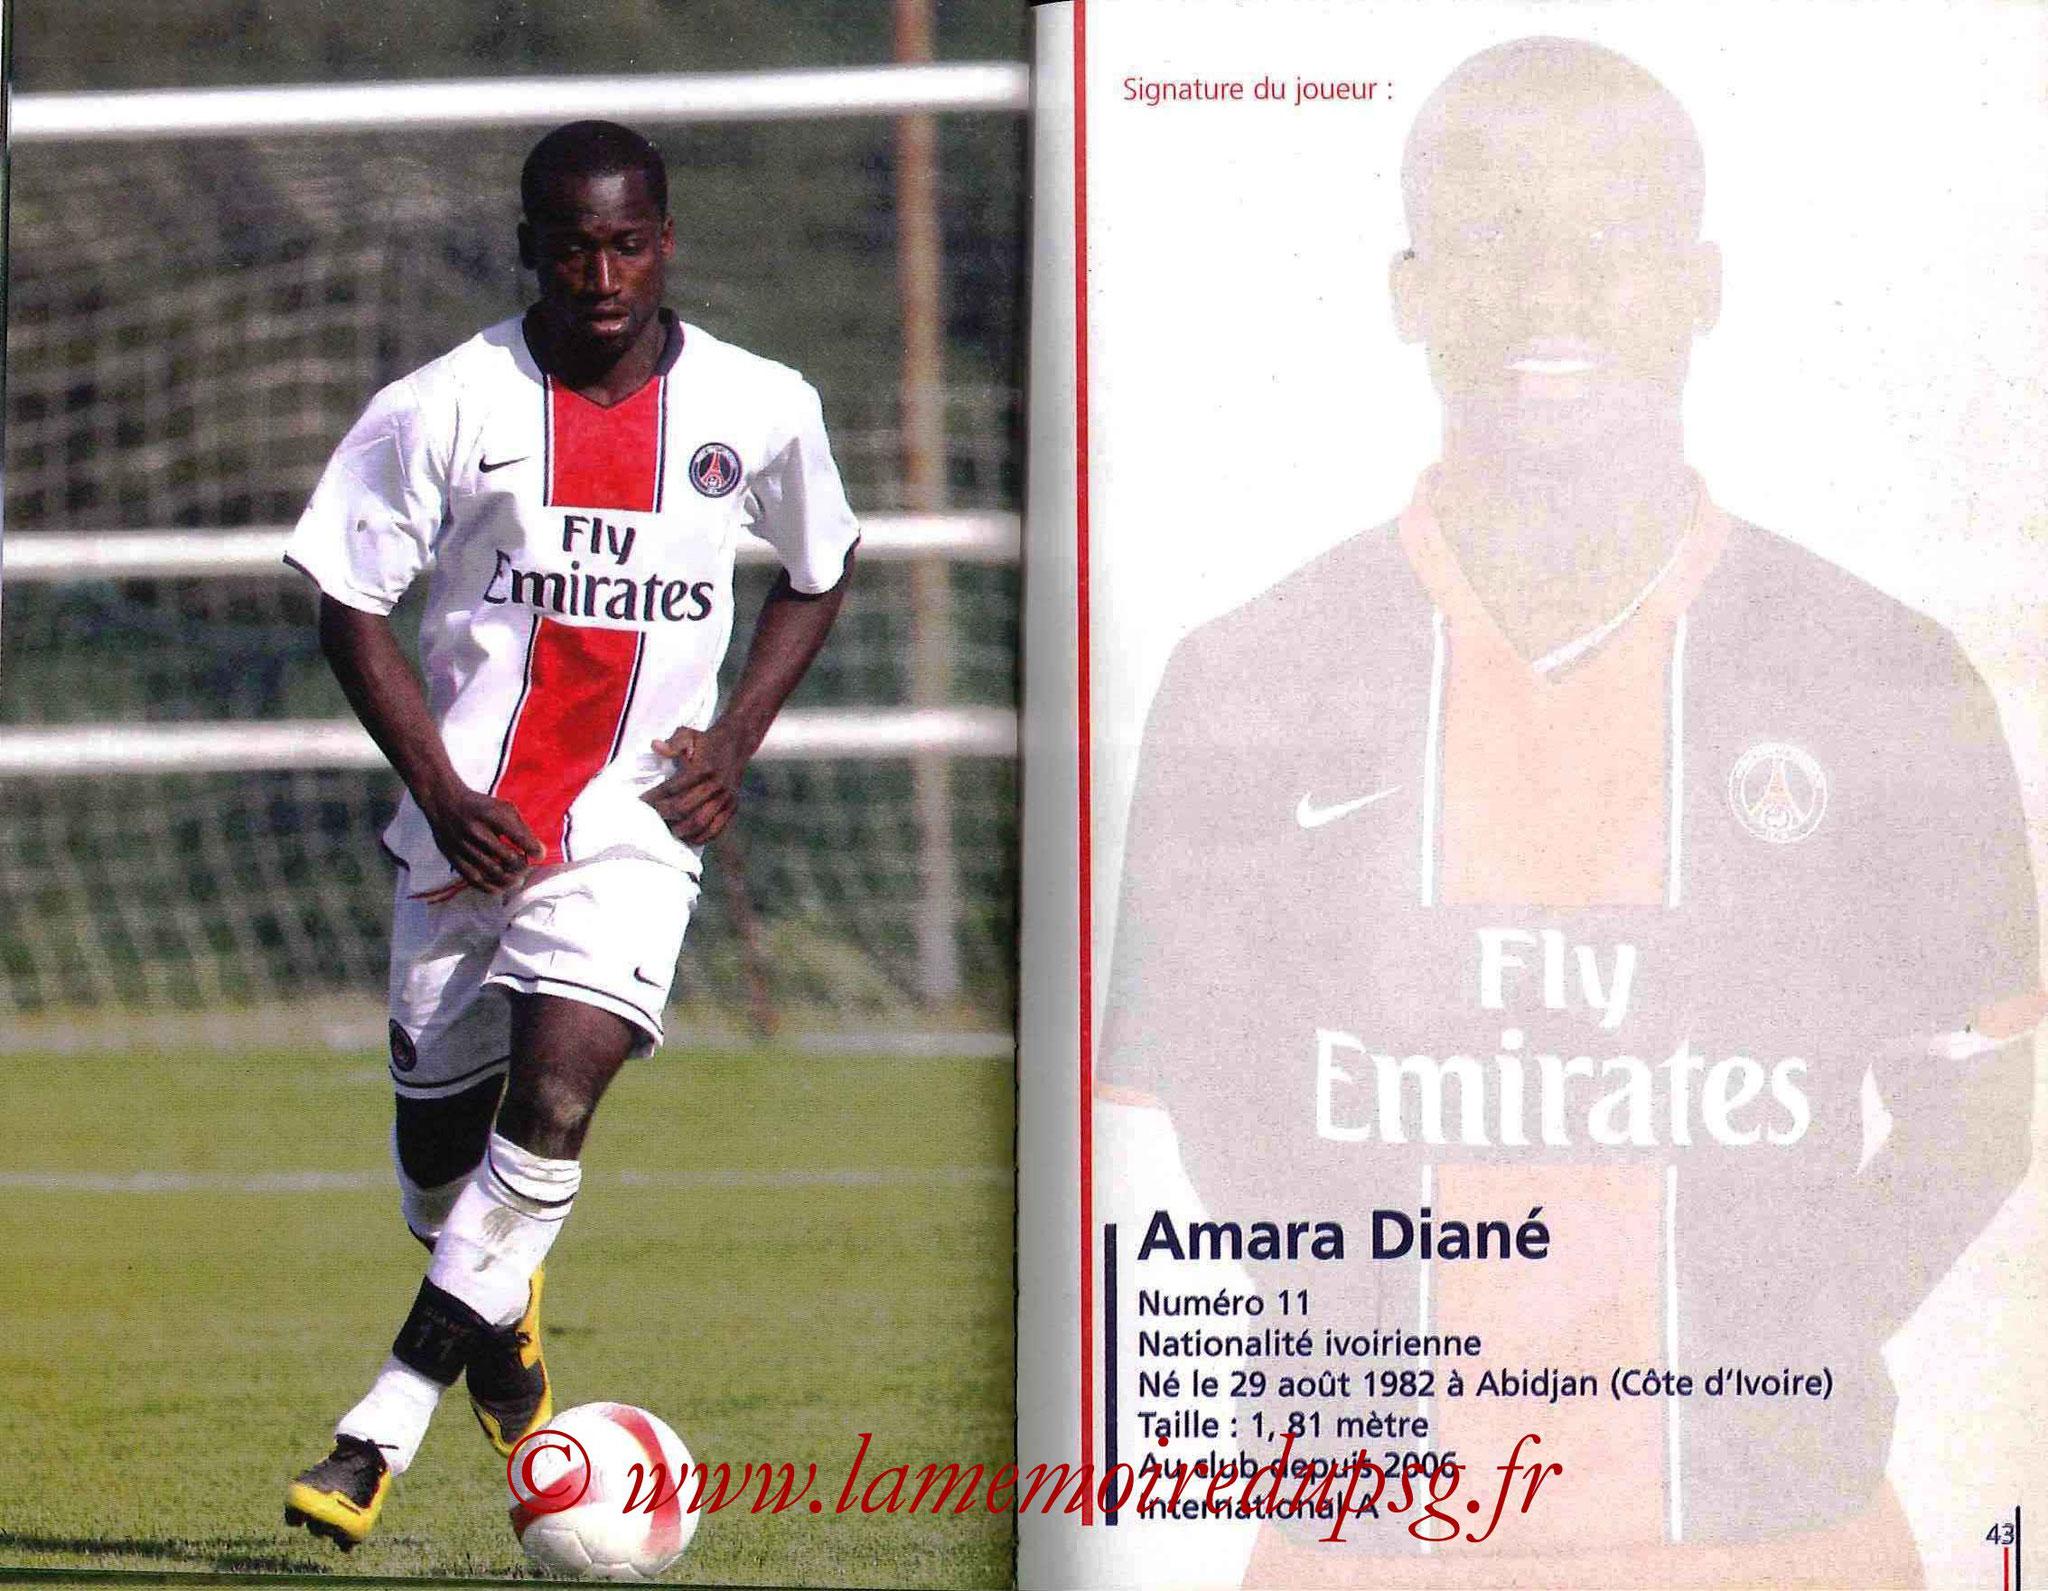 2007-08 - Guide de la Saison PSG - Pages 42 et 43 - Amara DIANE